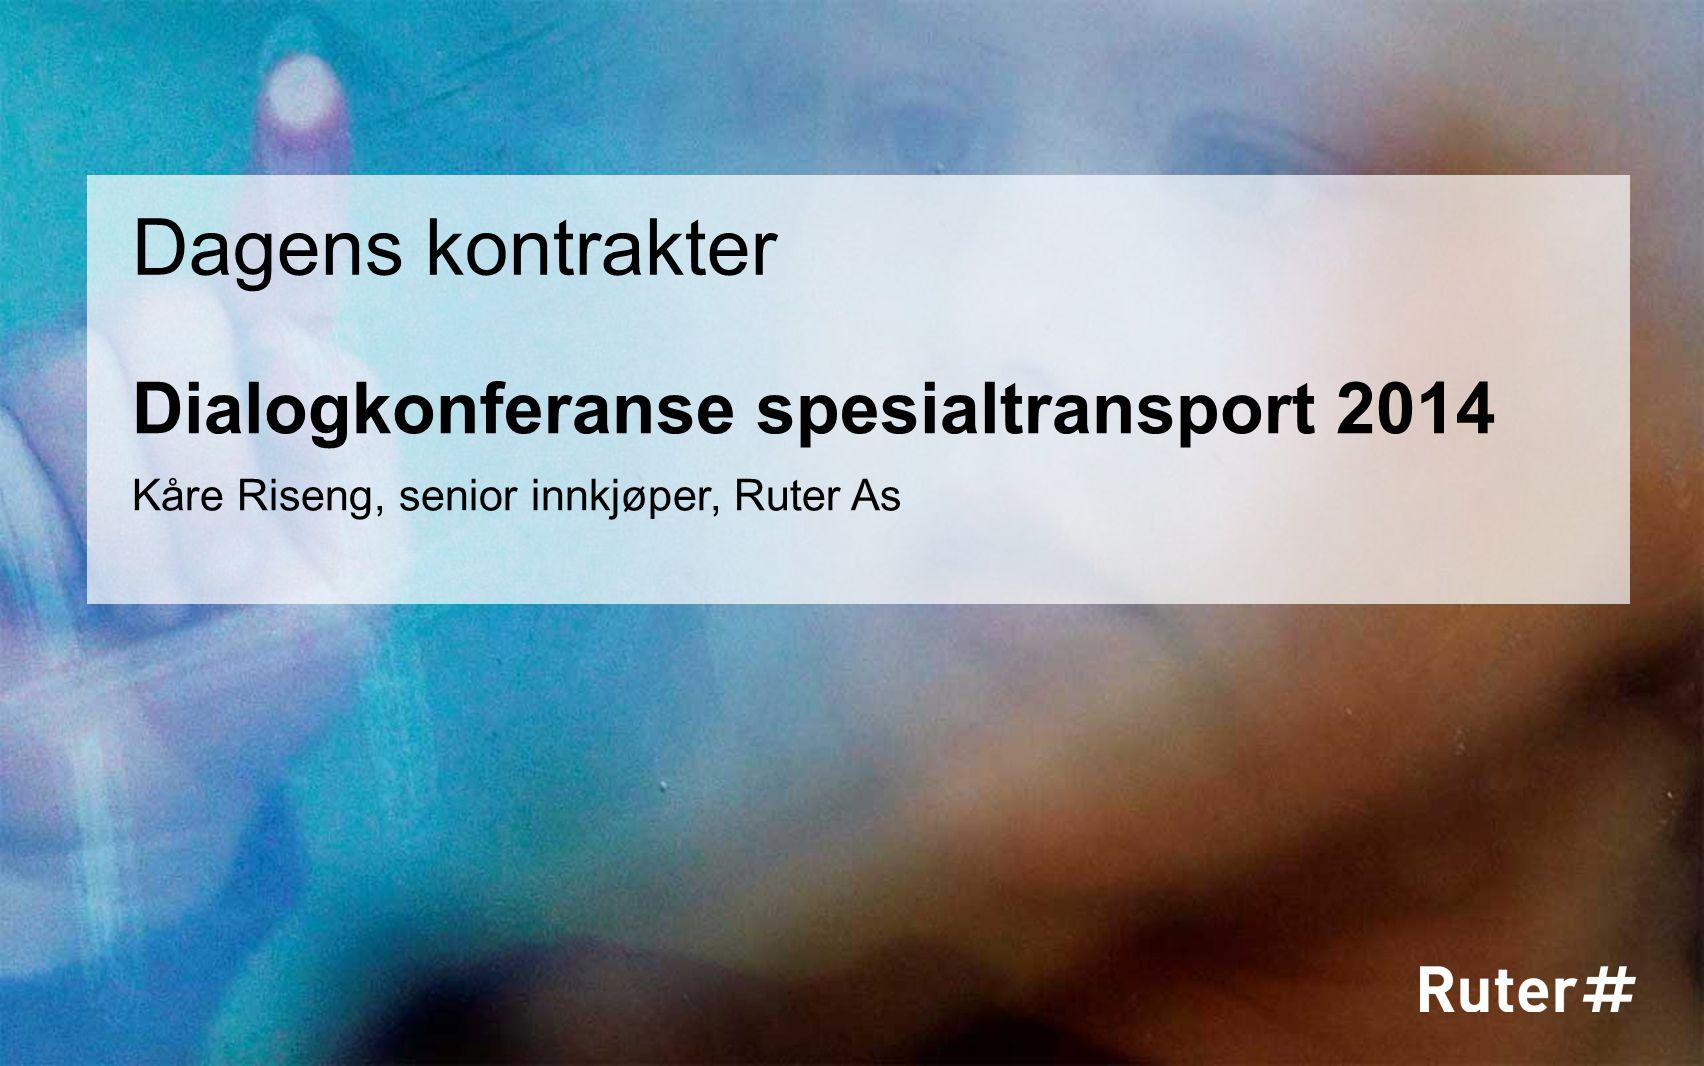 Dialogkonferanse spesialtransport 2014